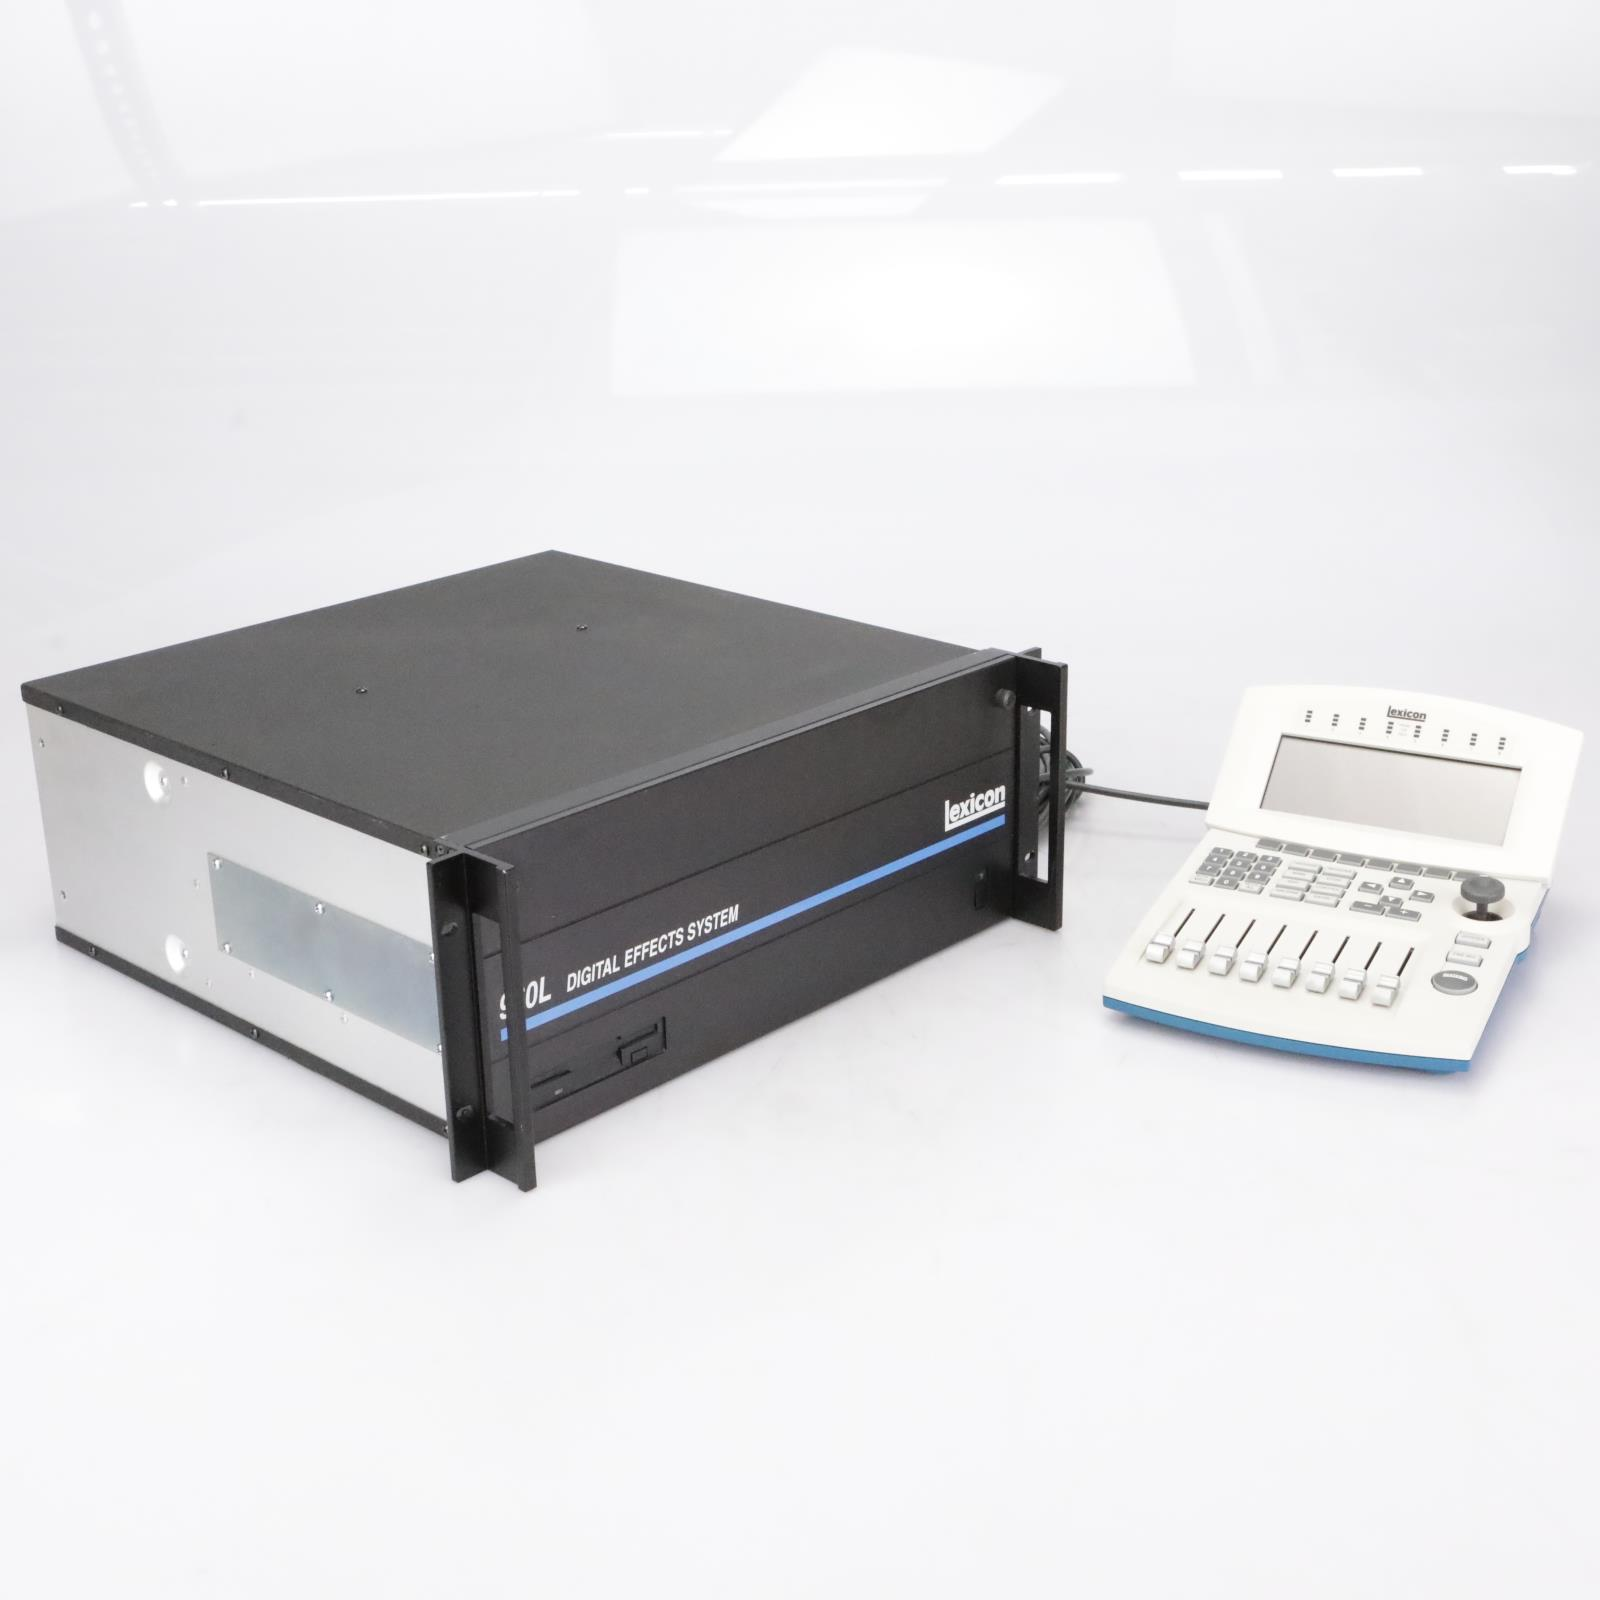 Lexicon 960L Digital Effects System w/ Surround & 8ch I/O #42168